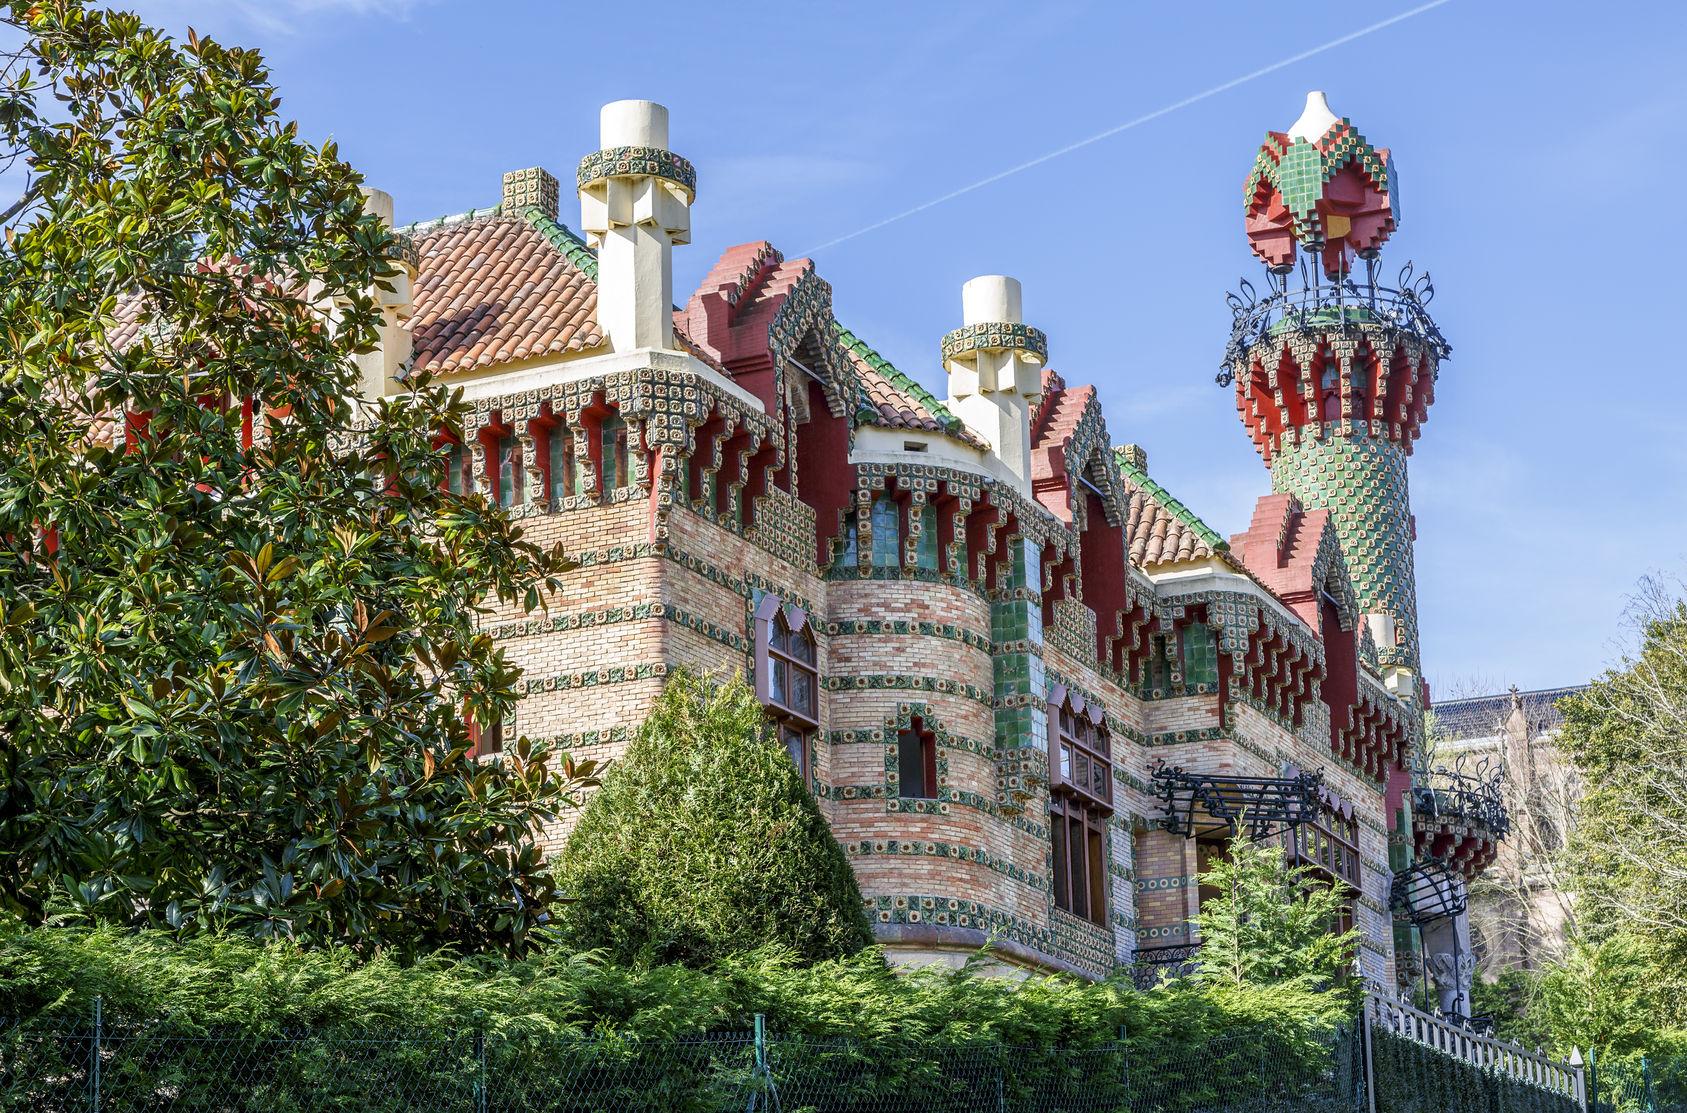 北スペインの観光スポットであるカンタブリアのコミージャスにあるガウディ建築